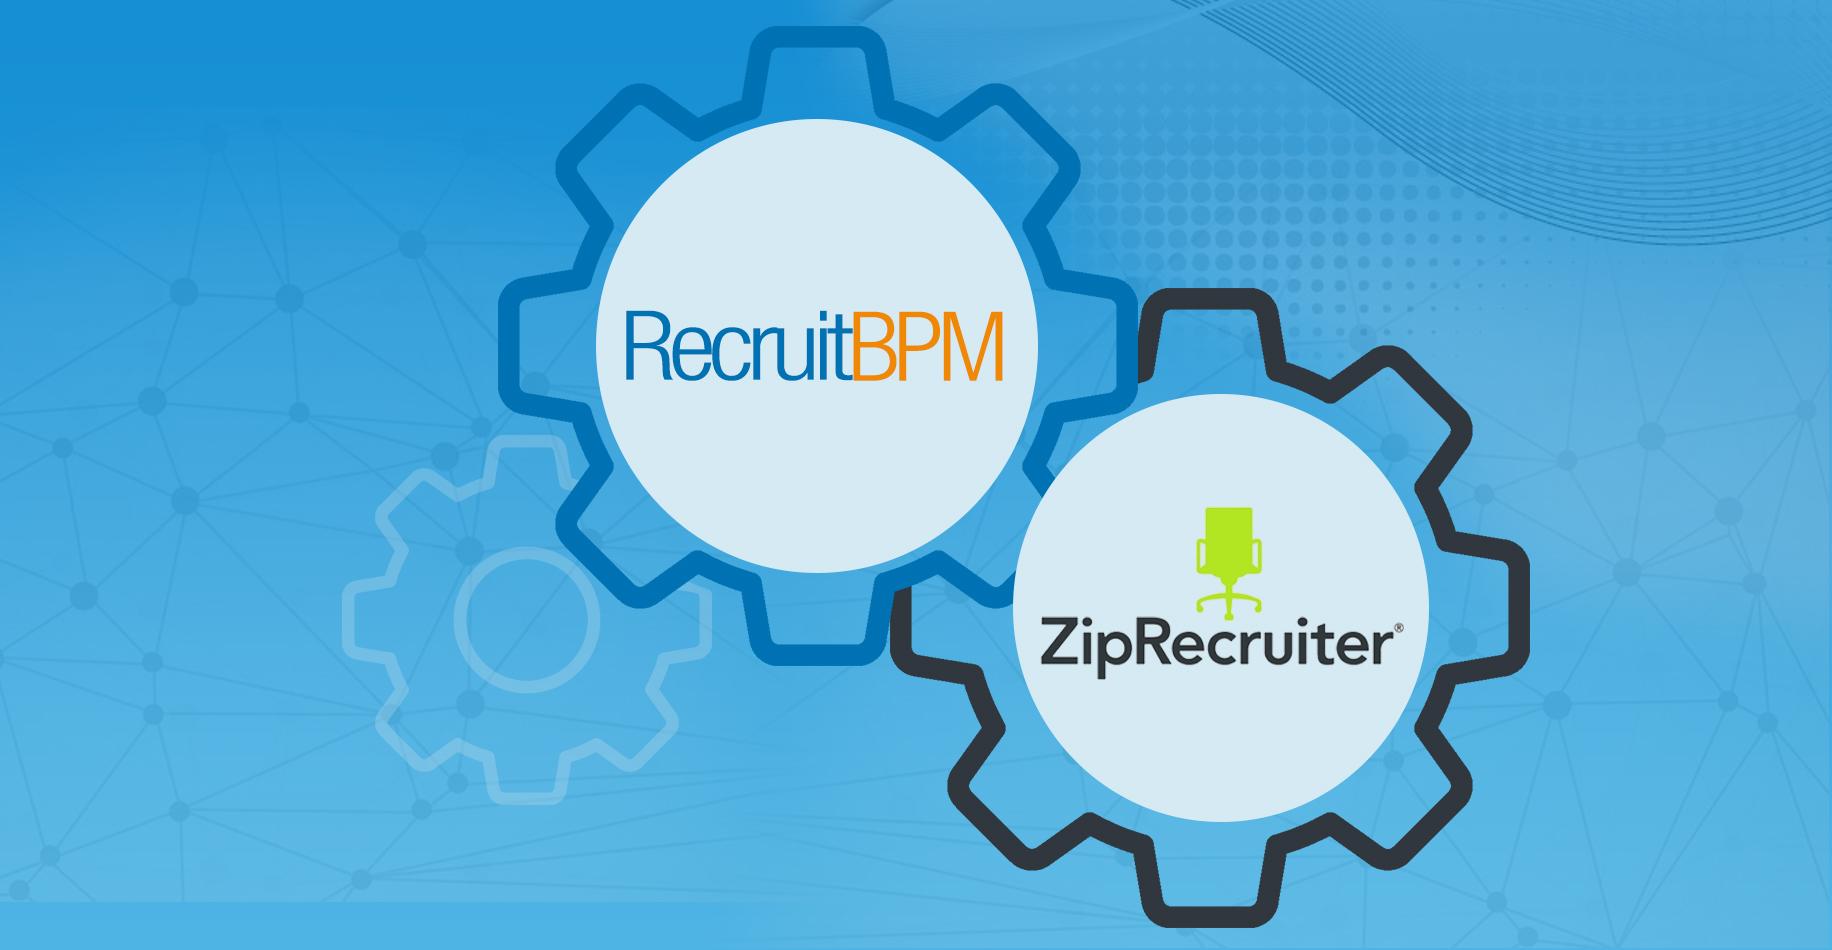 RecruitBPM Integrates with ZipRecruiter